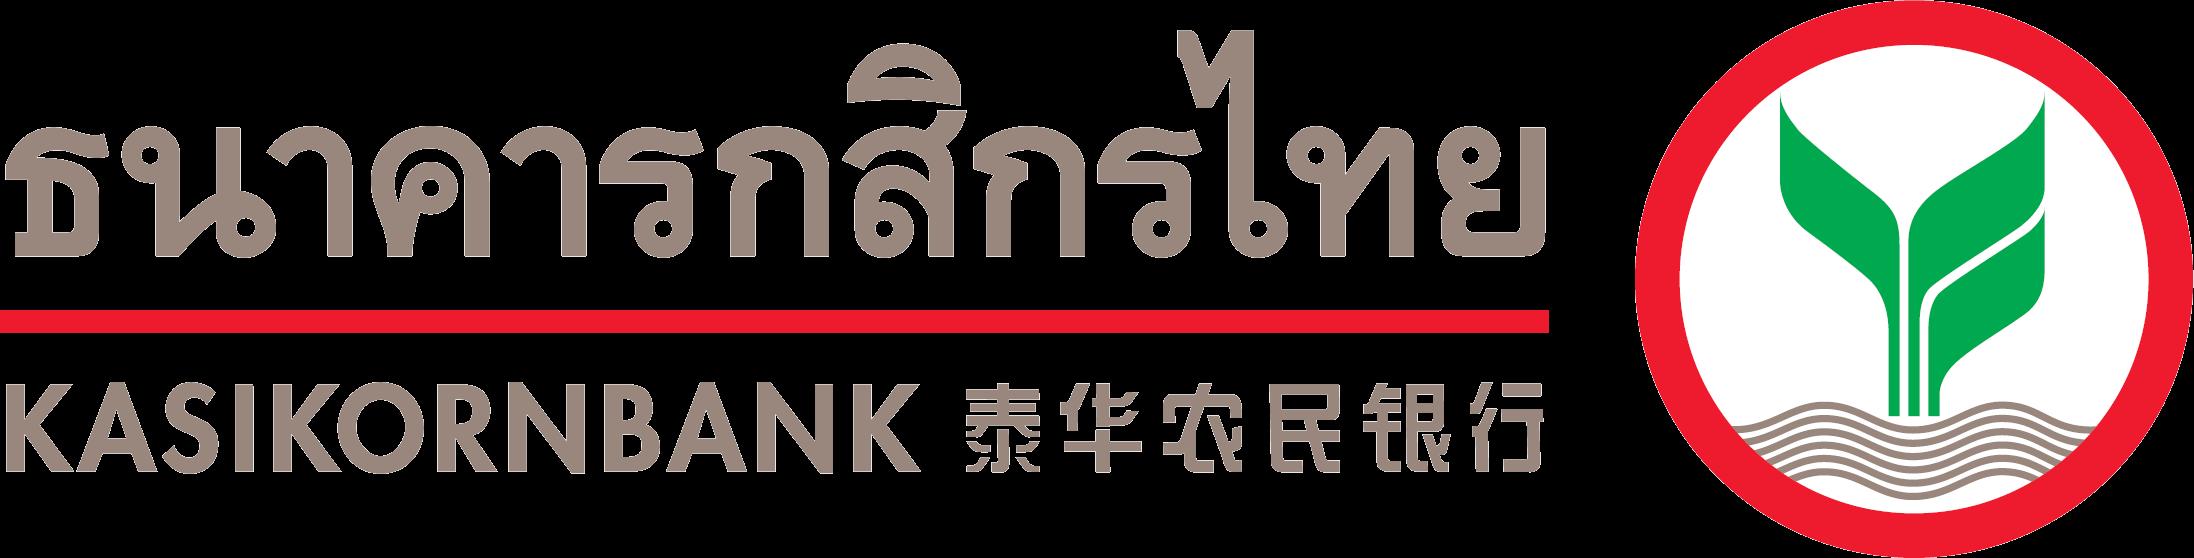 Send money to Kasikornbank in Thailand